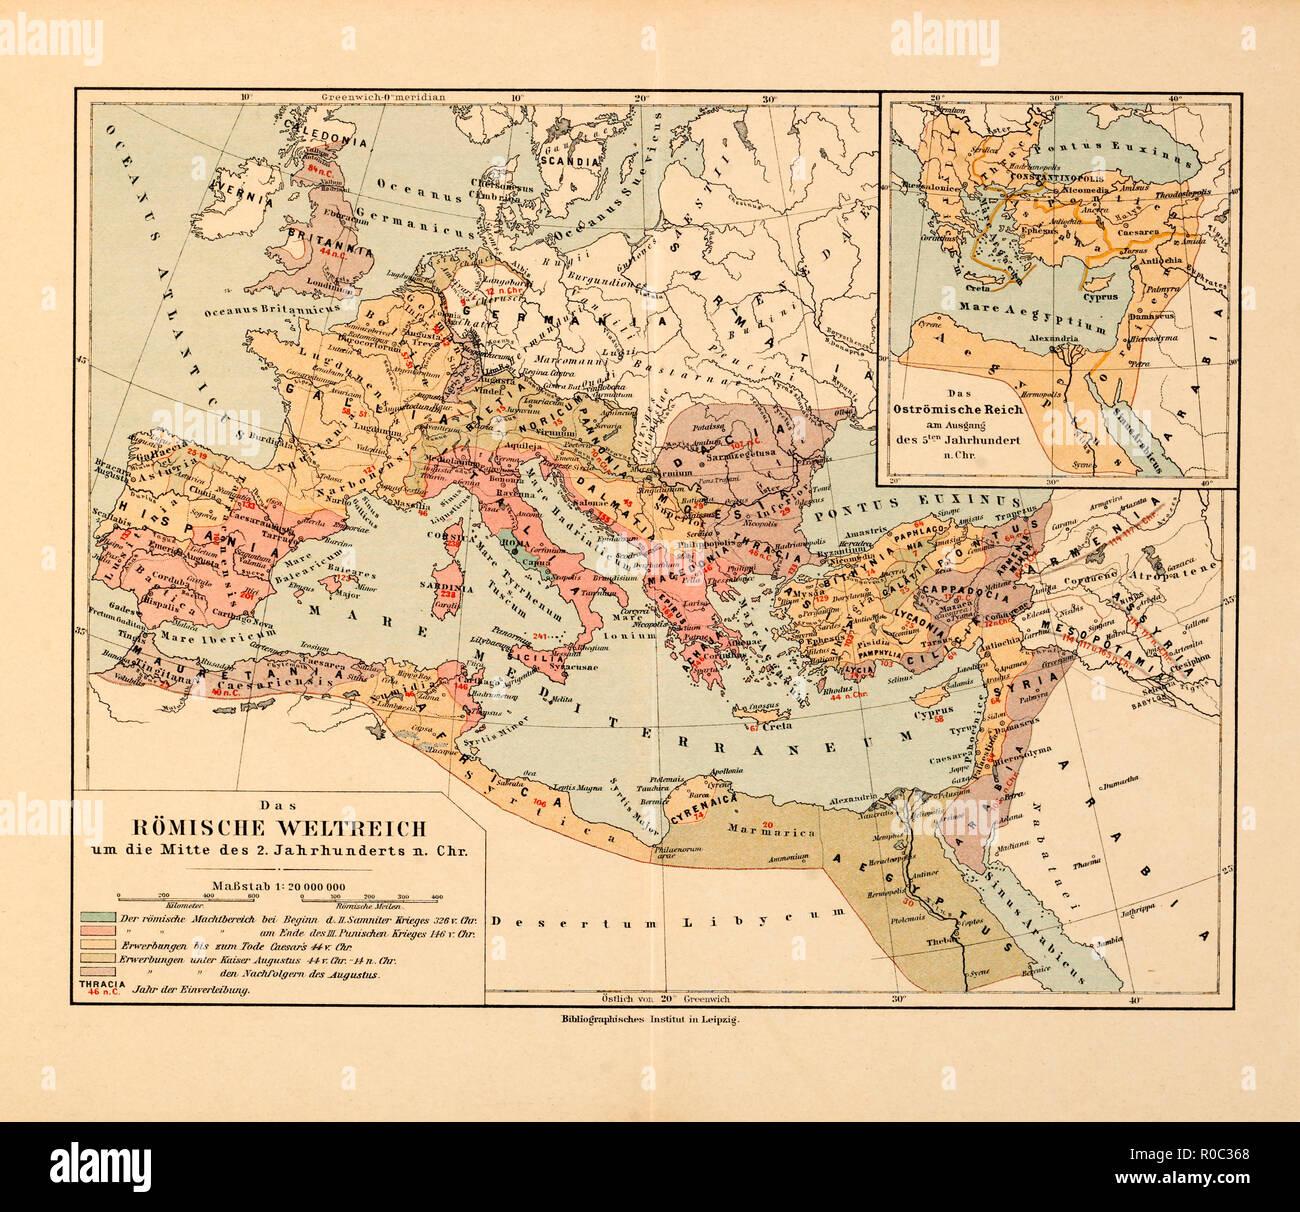 Römisches Reich Karte.Karte Römische Reich Um Die Mitte Des 2 Jahrhunderts Deutschland